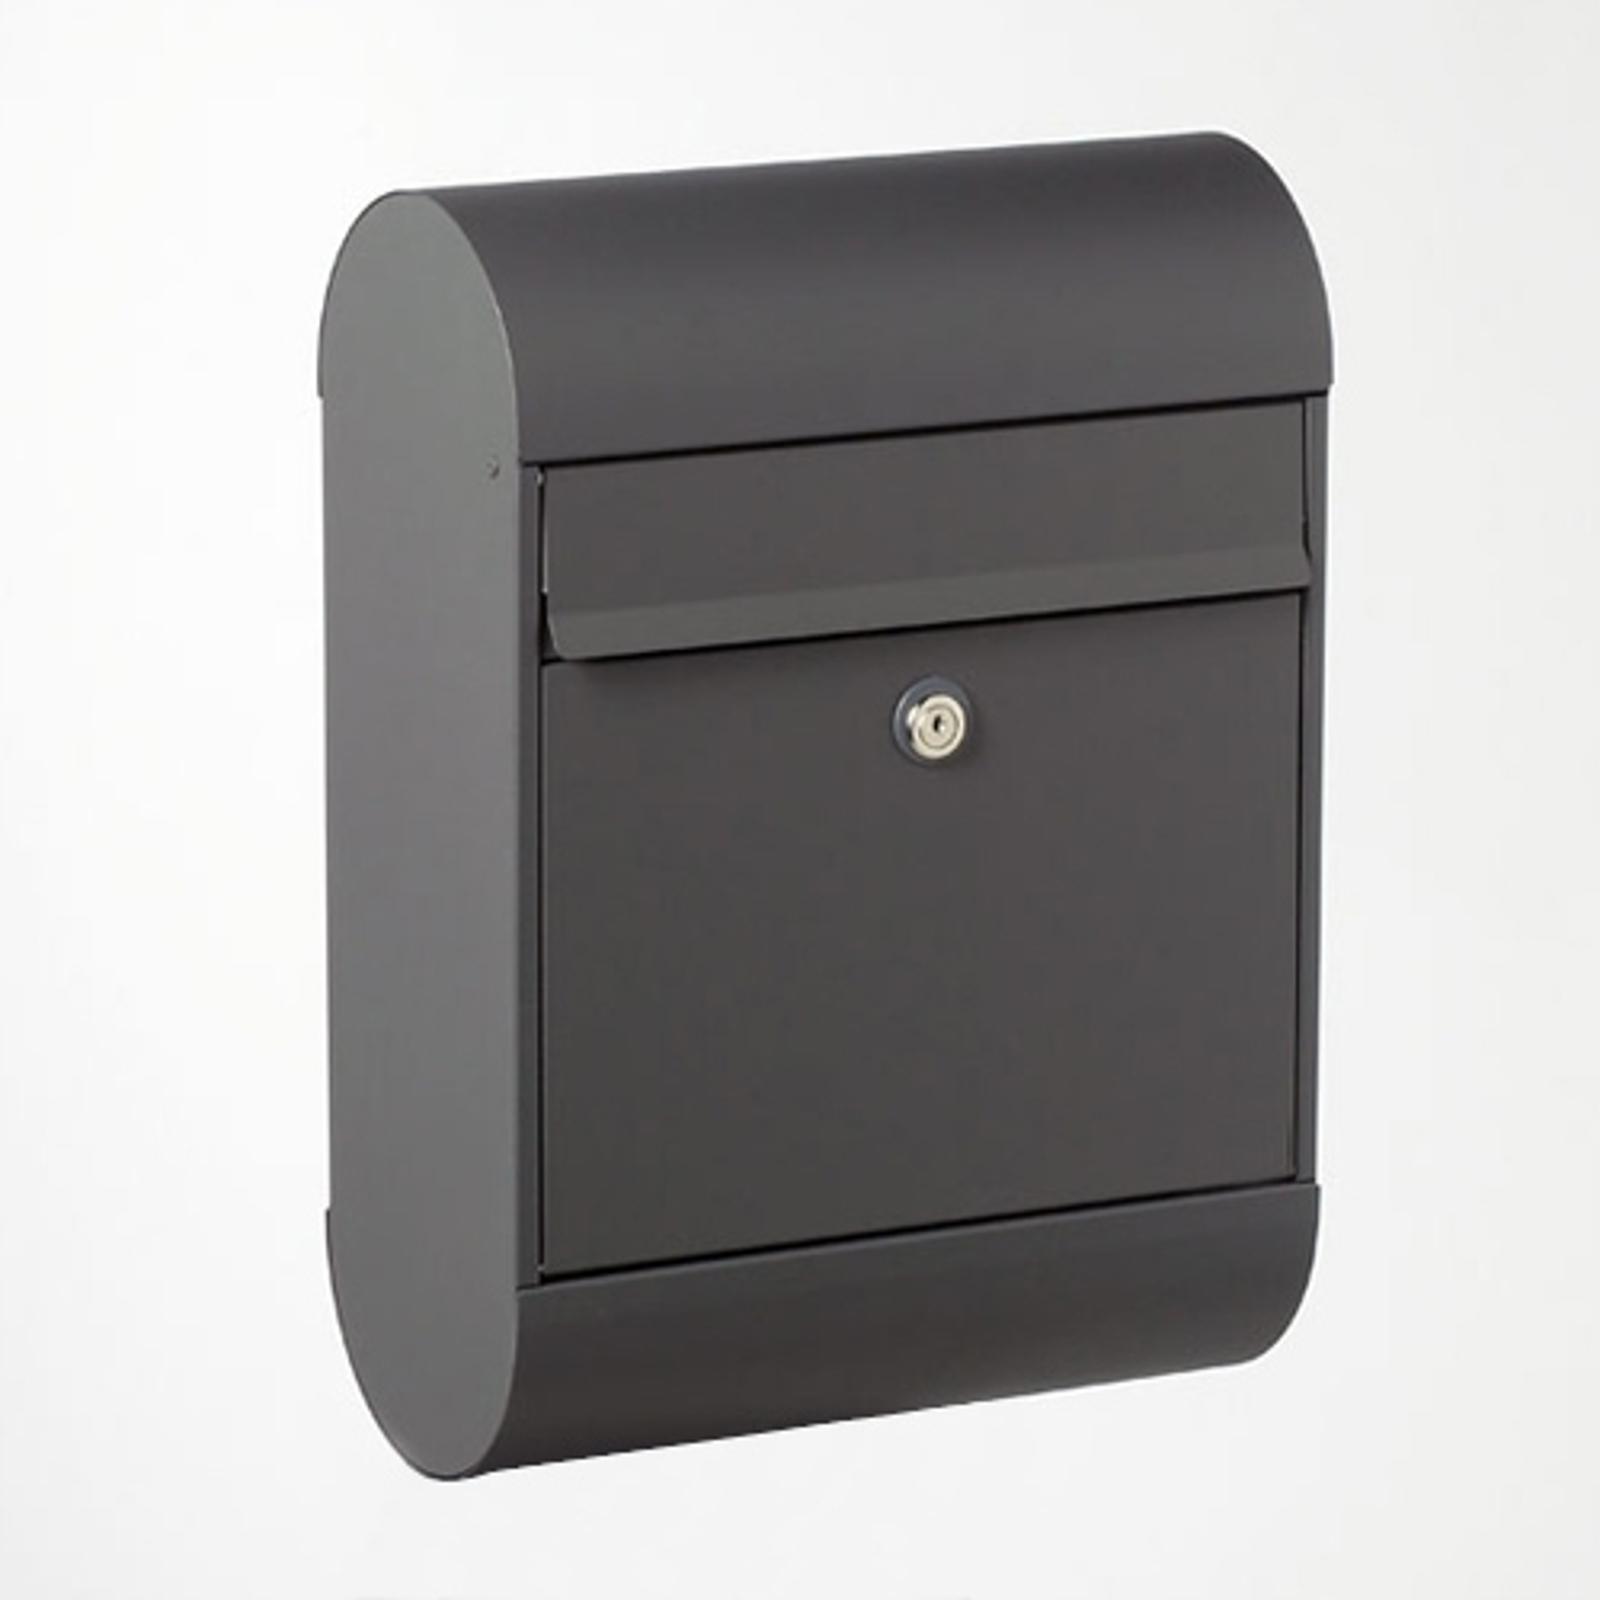 Skandinavisk postkasse 6000, svart